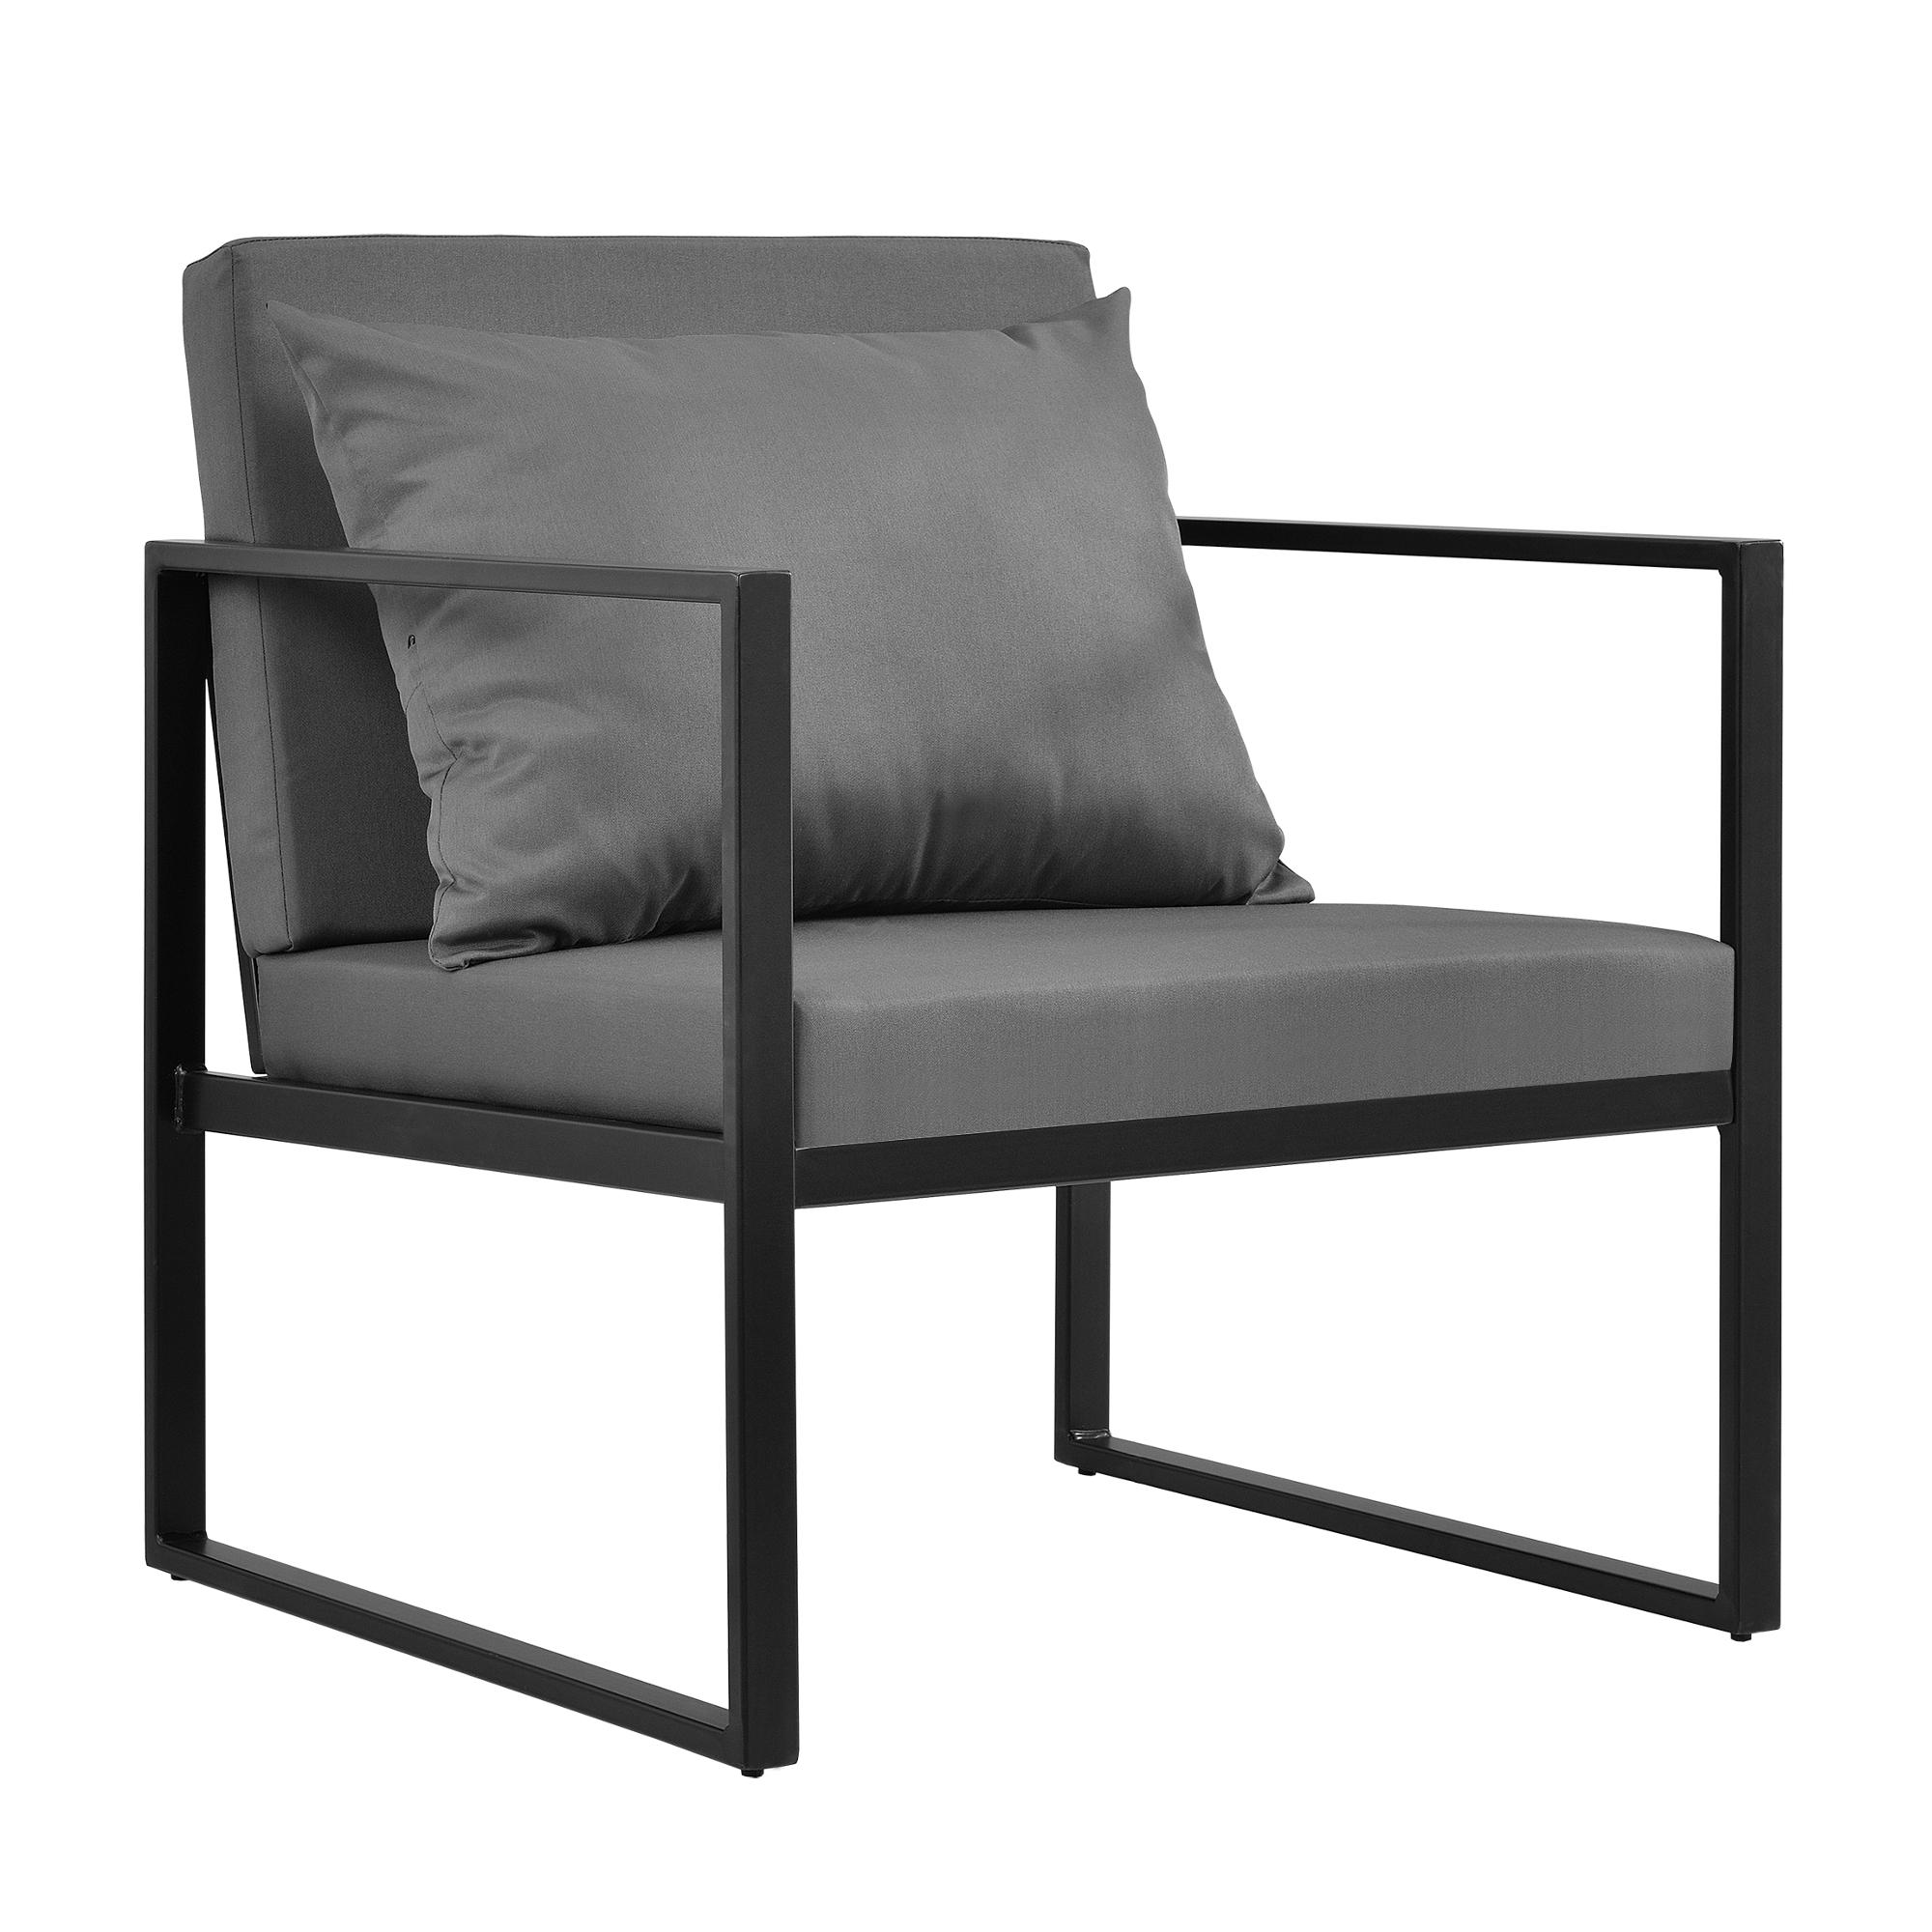 Détails sur [Casa.pro ]® 2x Chaise de Jardin Noir Extérieur Fauteuil Salon